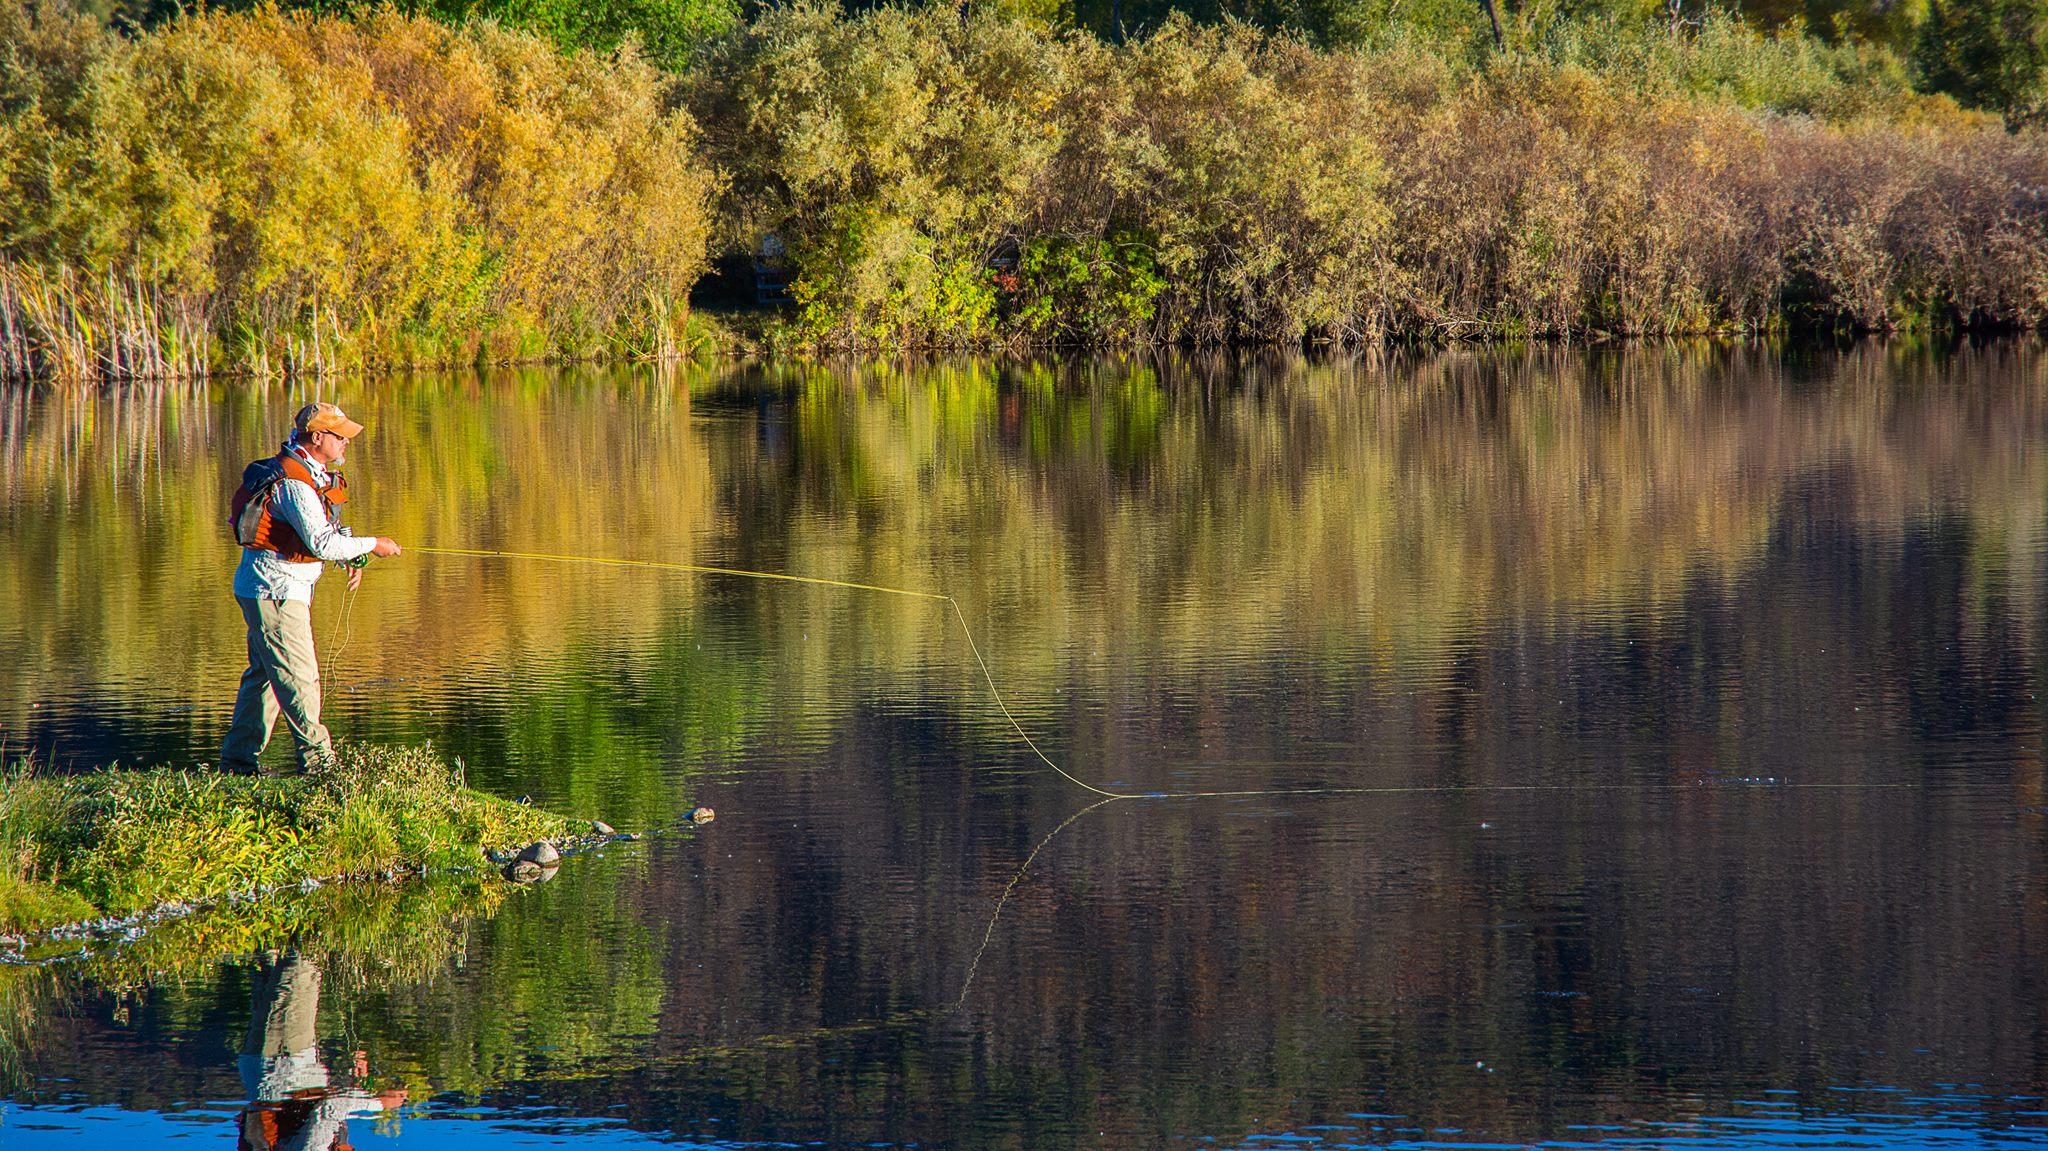 John P. Newbury fishes still water